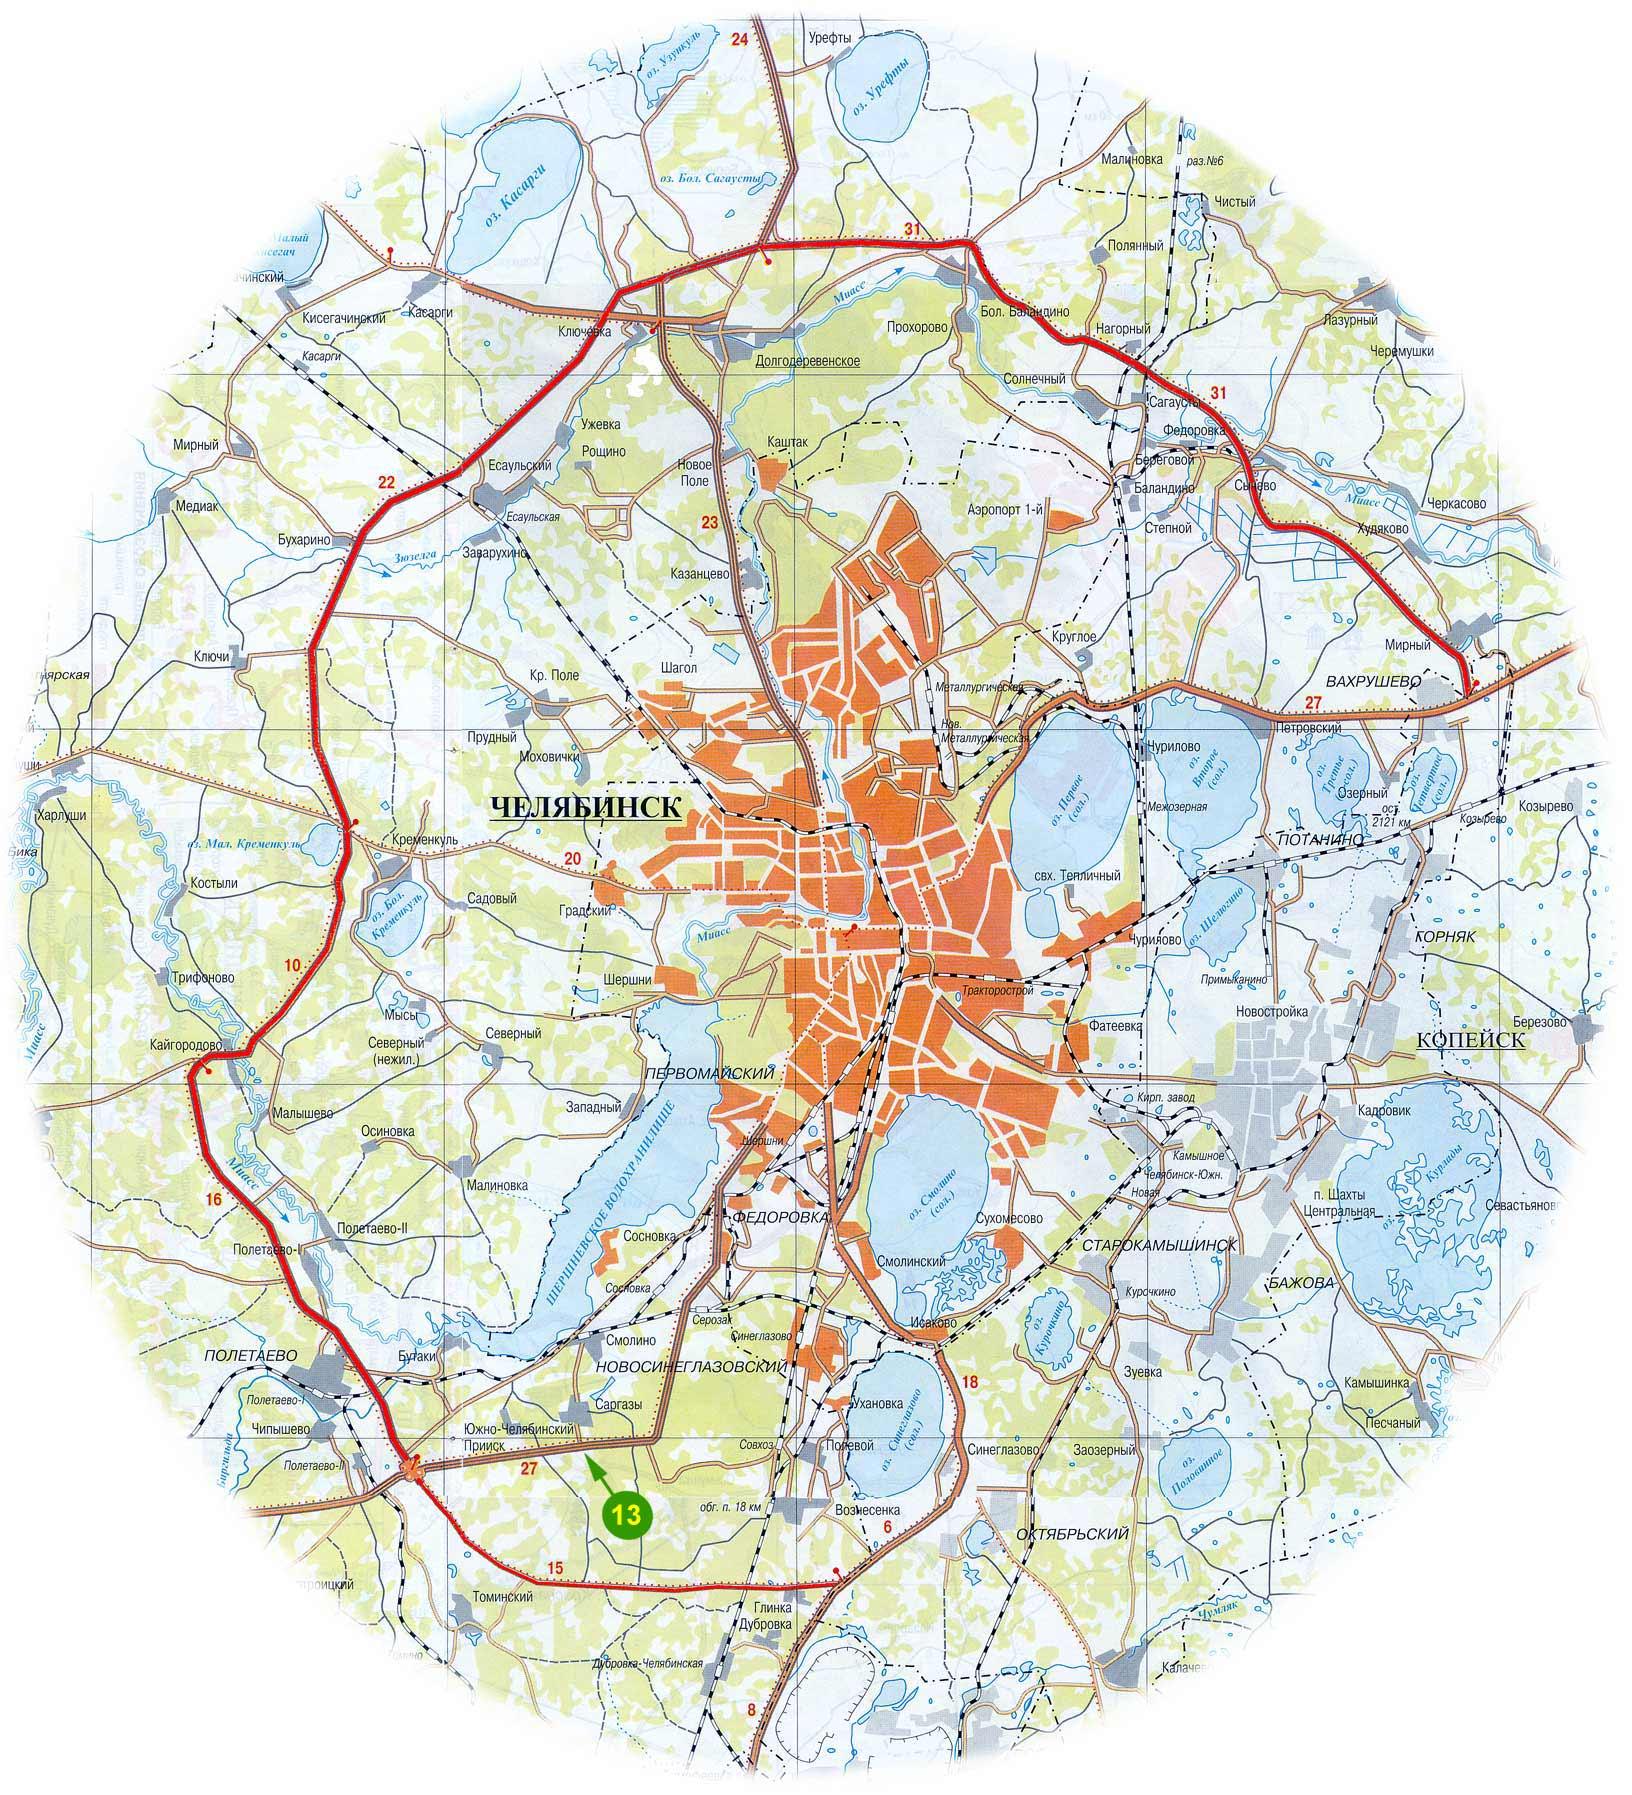 SMarat. а по времени через город как? быстрее, чем предложено здесь.  2,656. объезд Челябинска слева...